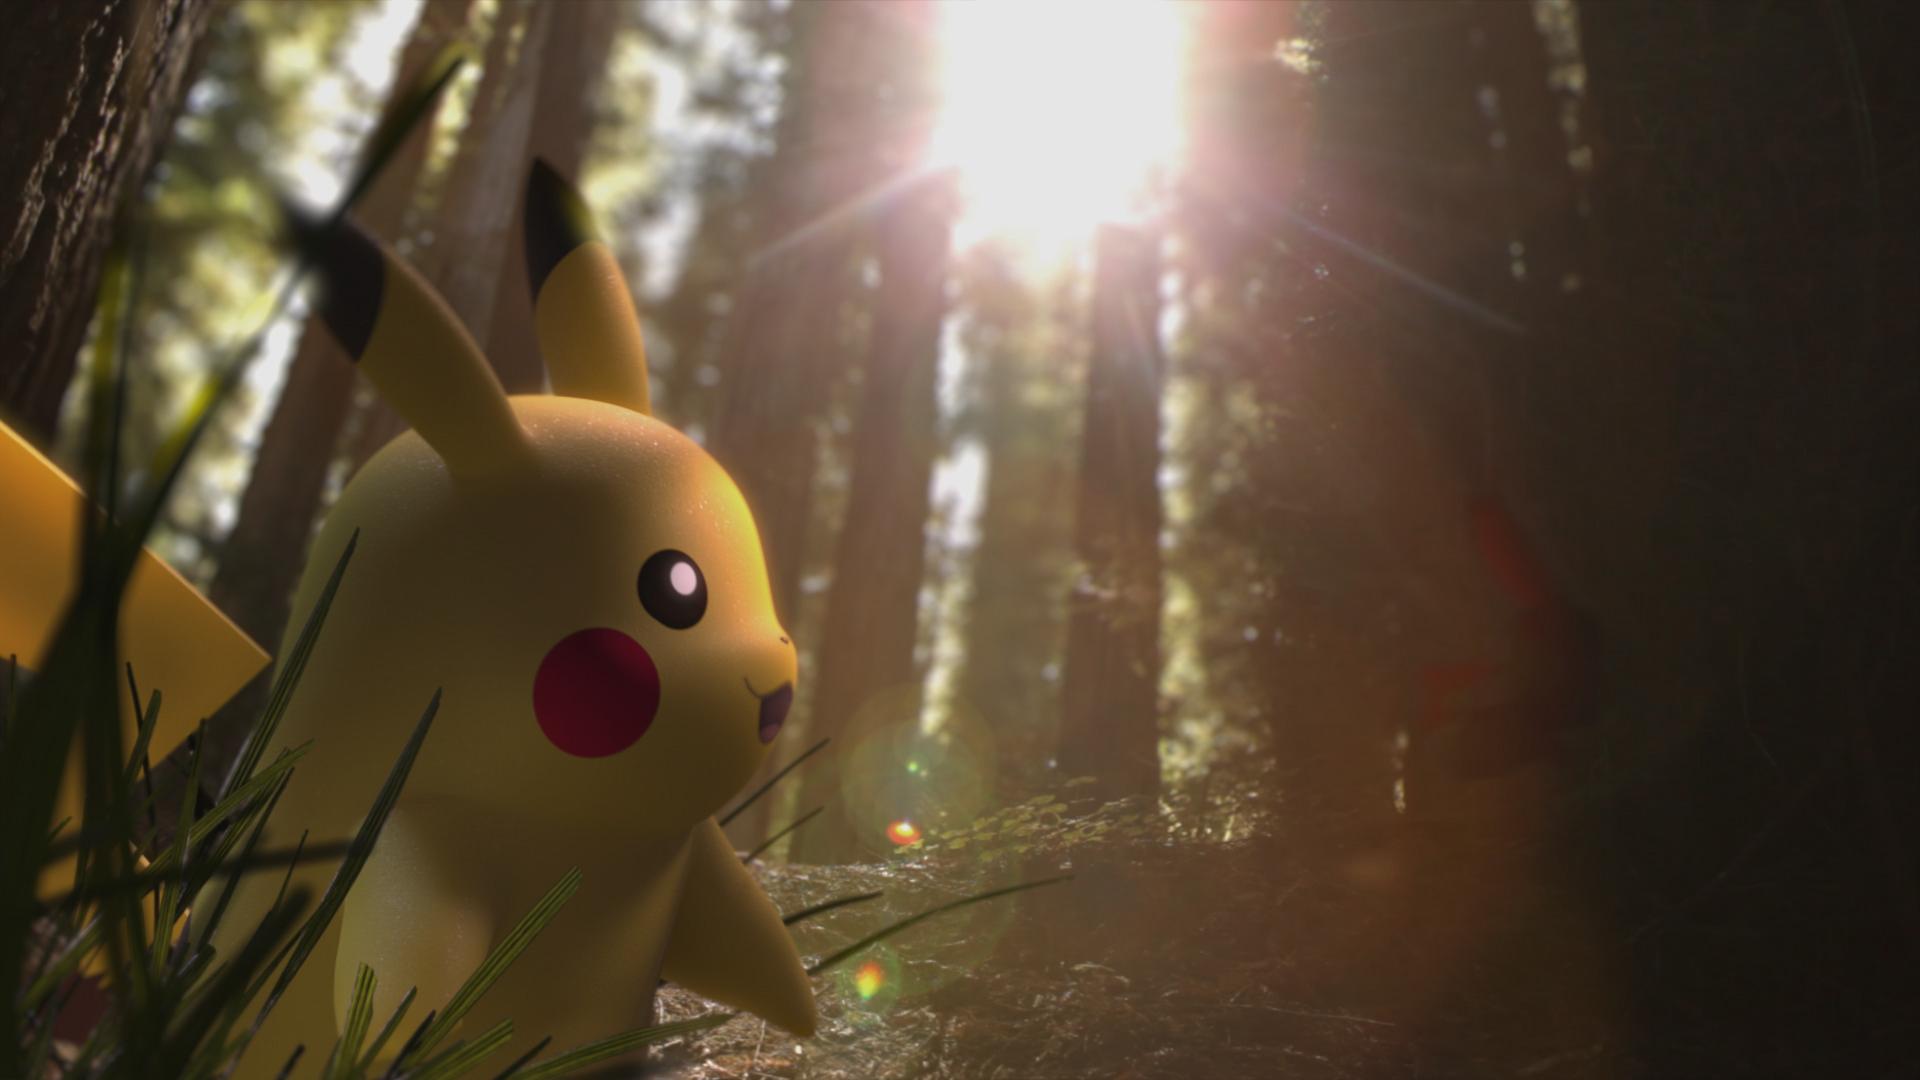 Ein Pikachu im Wald, aus einer Lichtung strahlt Sonnenlicht.